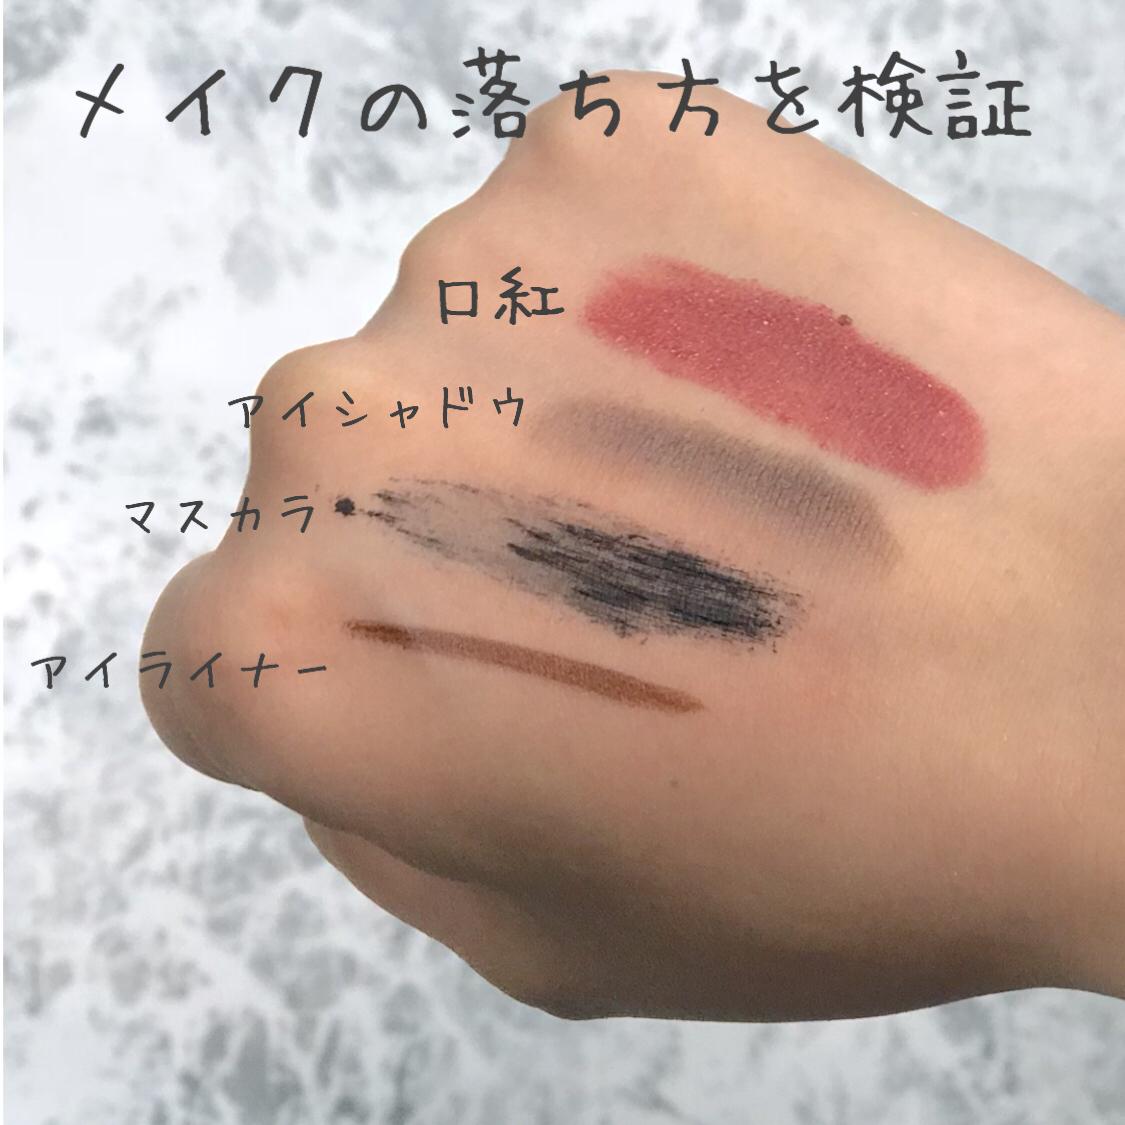 ちふれ ちふれ化粧品 クレンジング オイル 220ML(パウダーファンデーション)を使ったクチコミ(2枚目)